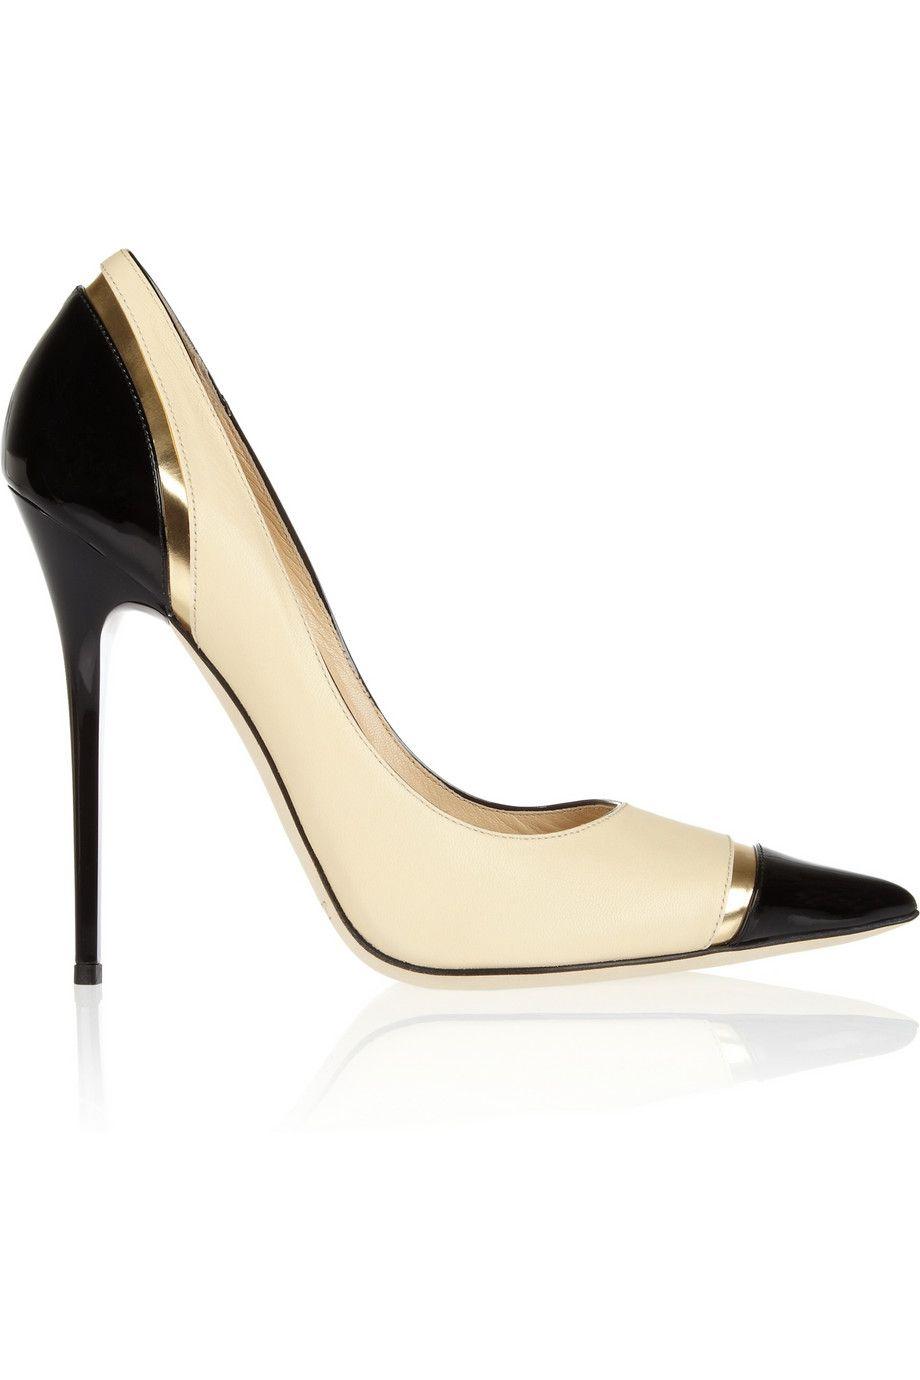 11c46906c258 Jimmy Choo 2015  fashion  shoes  2015 womens fashion shoes Fashion high  heels